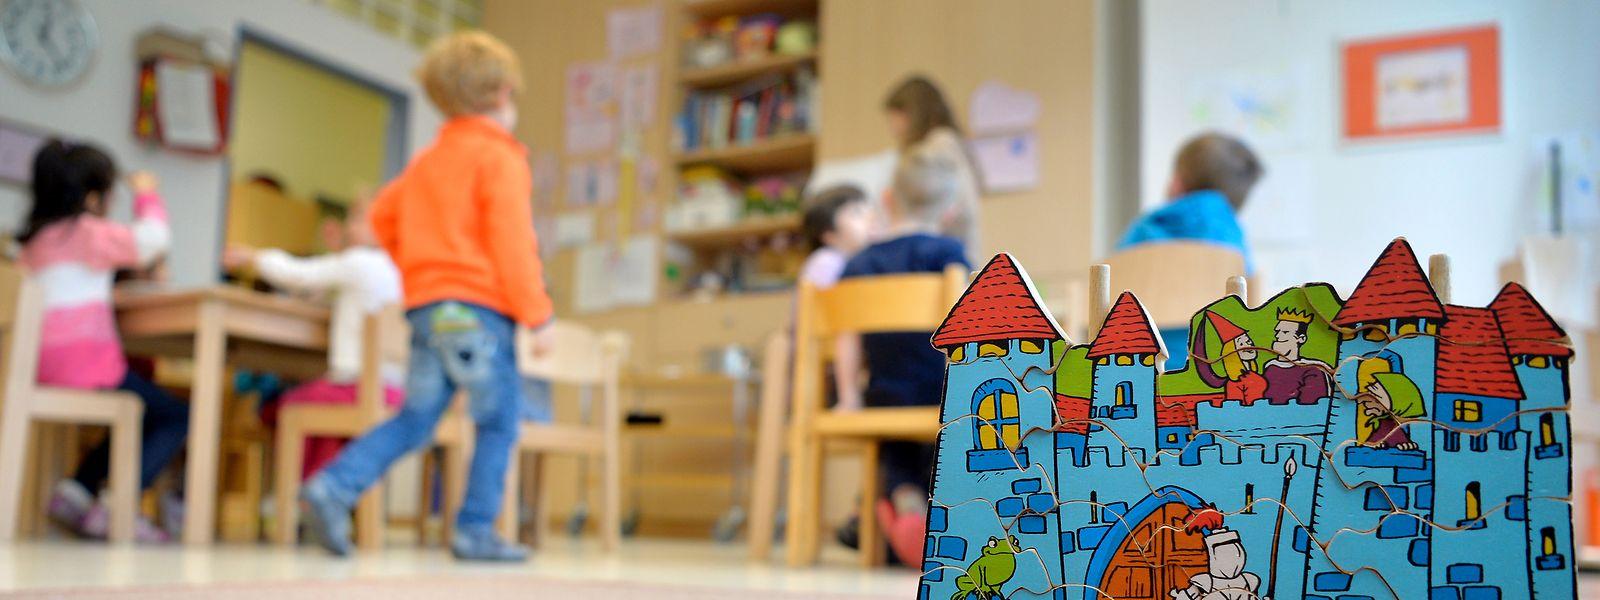 Pour encadrer les tout-petits mais aussi les adultes handicapés ou les seniors, le Luxembourg manque de diplômés formés. Un paradoxe alors que les postes à pourvoir se multiplient.